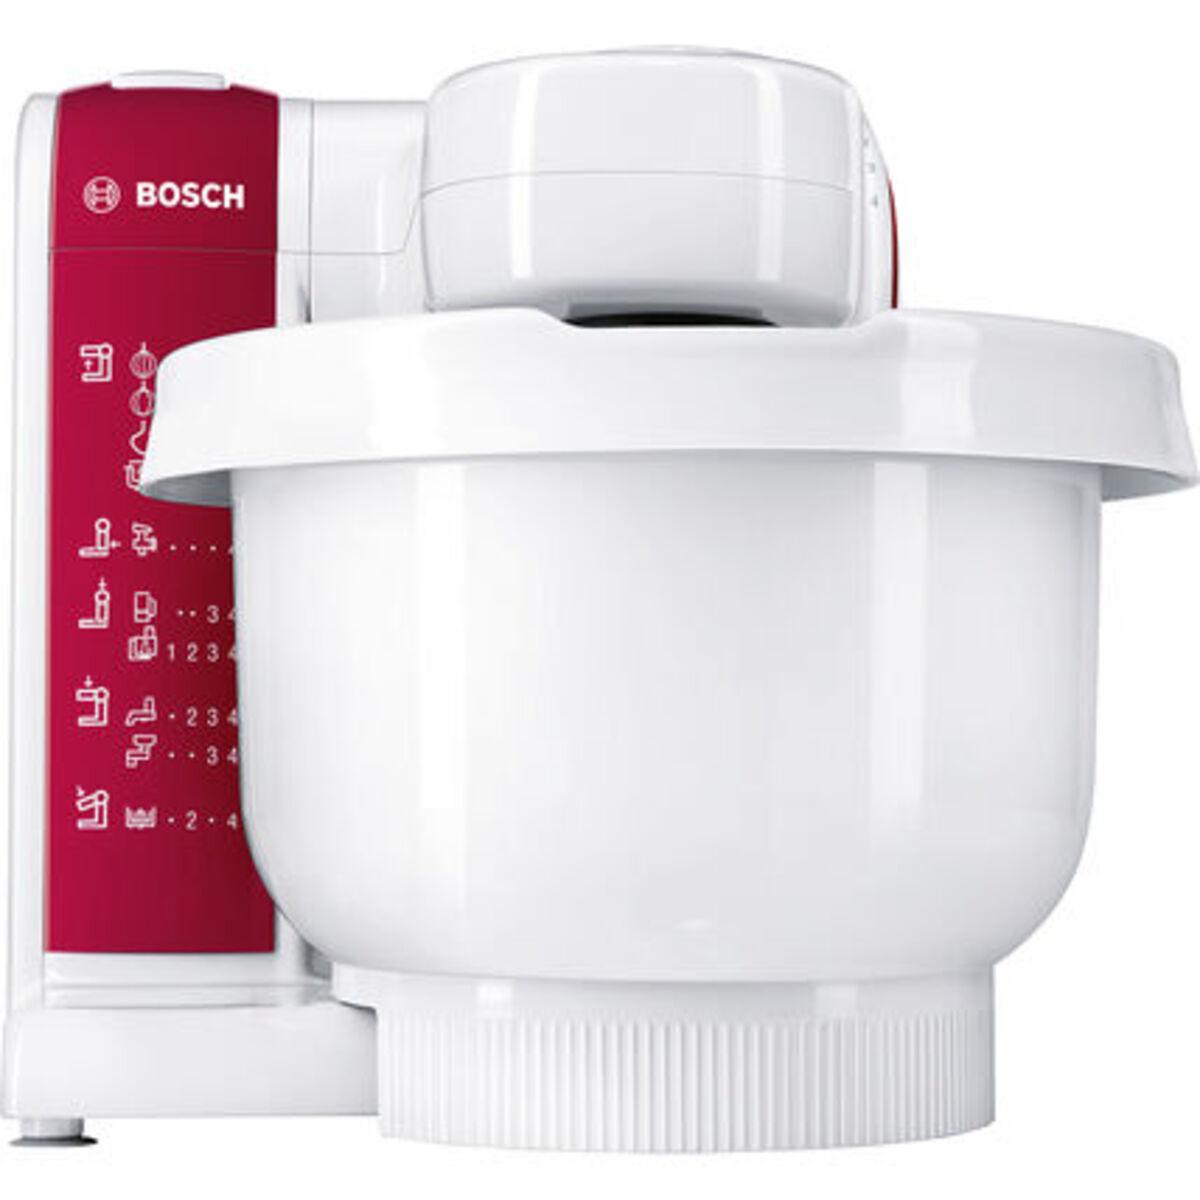 Bild 1 von Bosch Küchenmaschine MUM4825, weiß, weiß